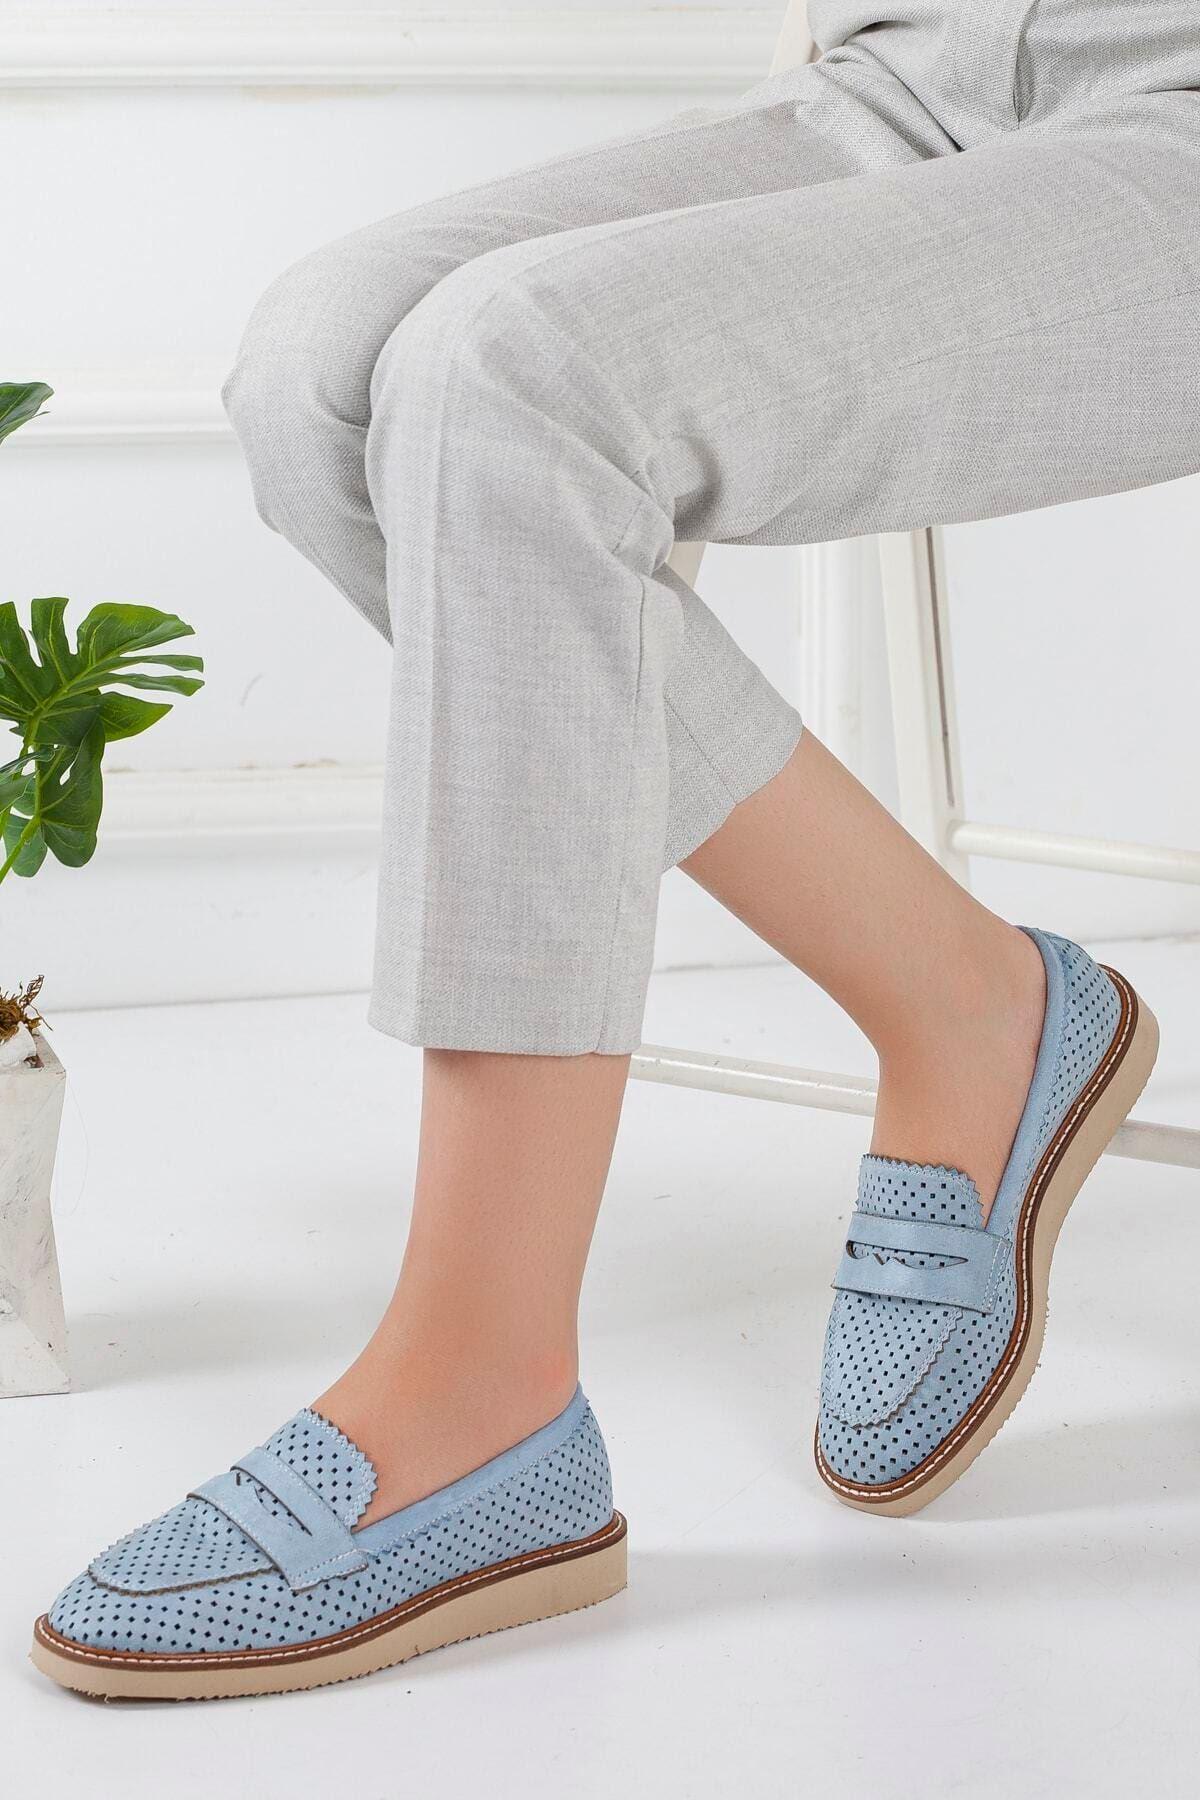 Bebe Mavi Kadın Loafer Günlük Ayakkabı